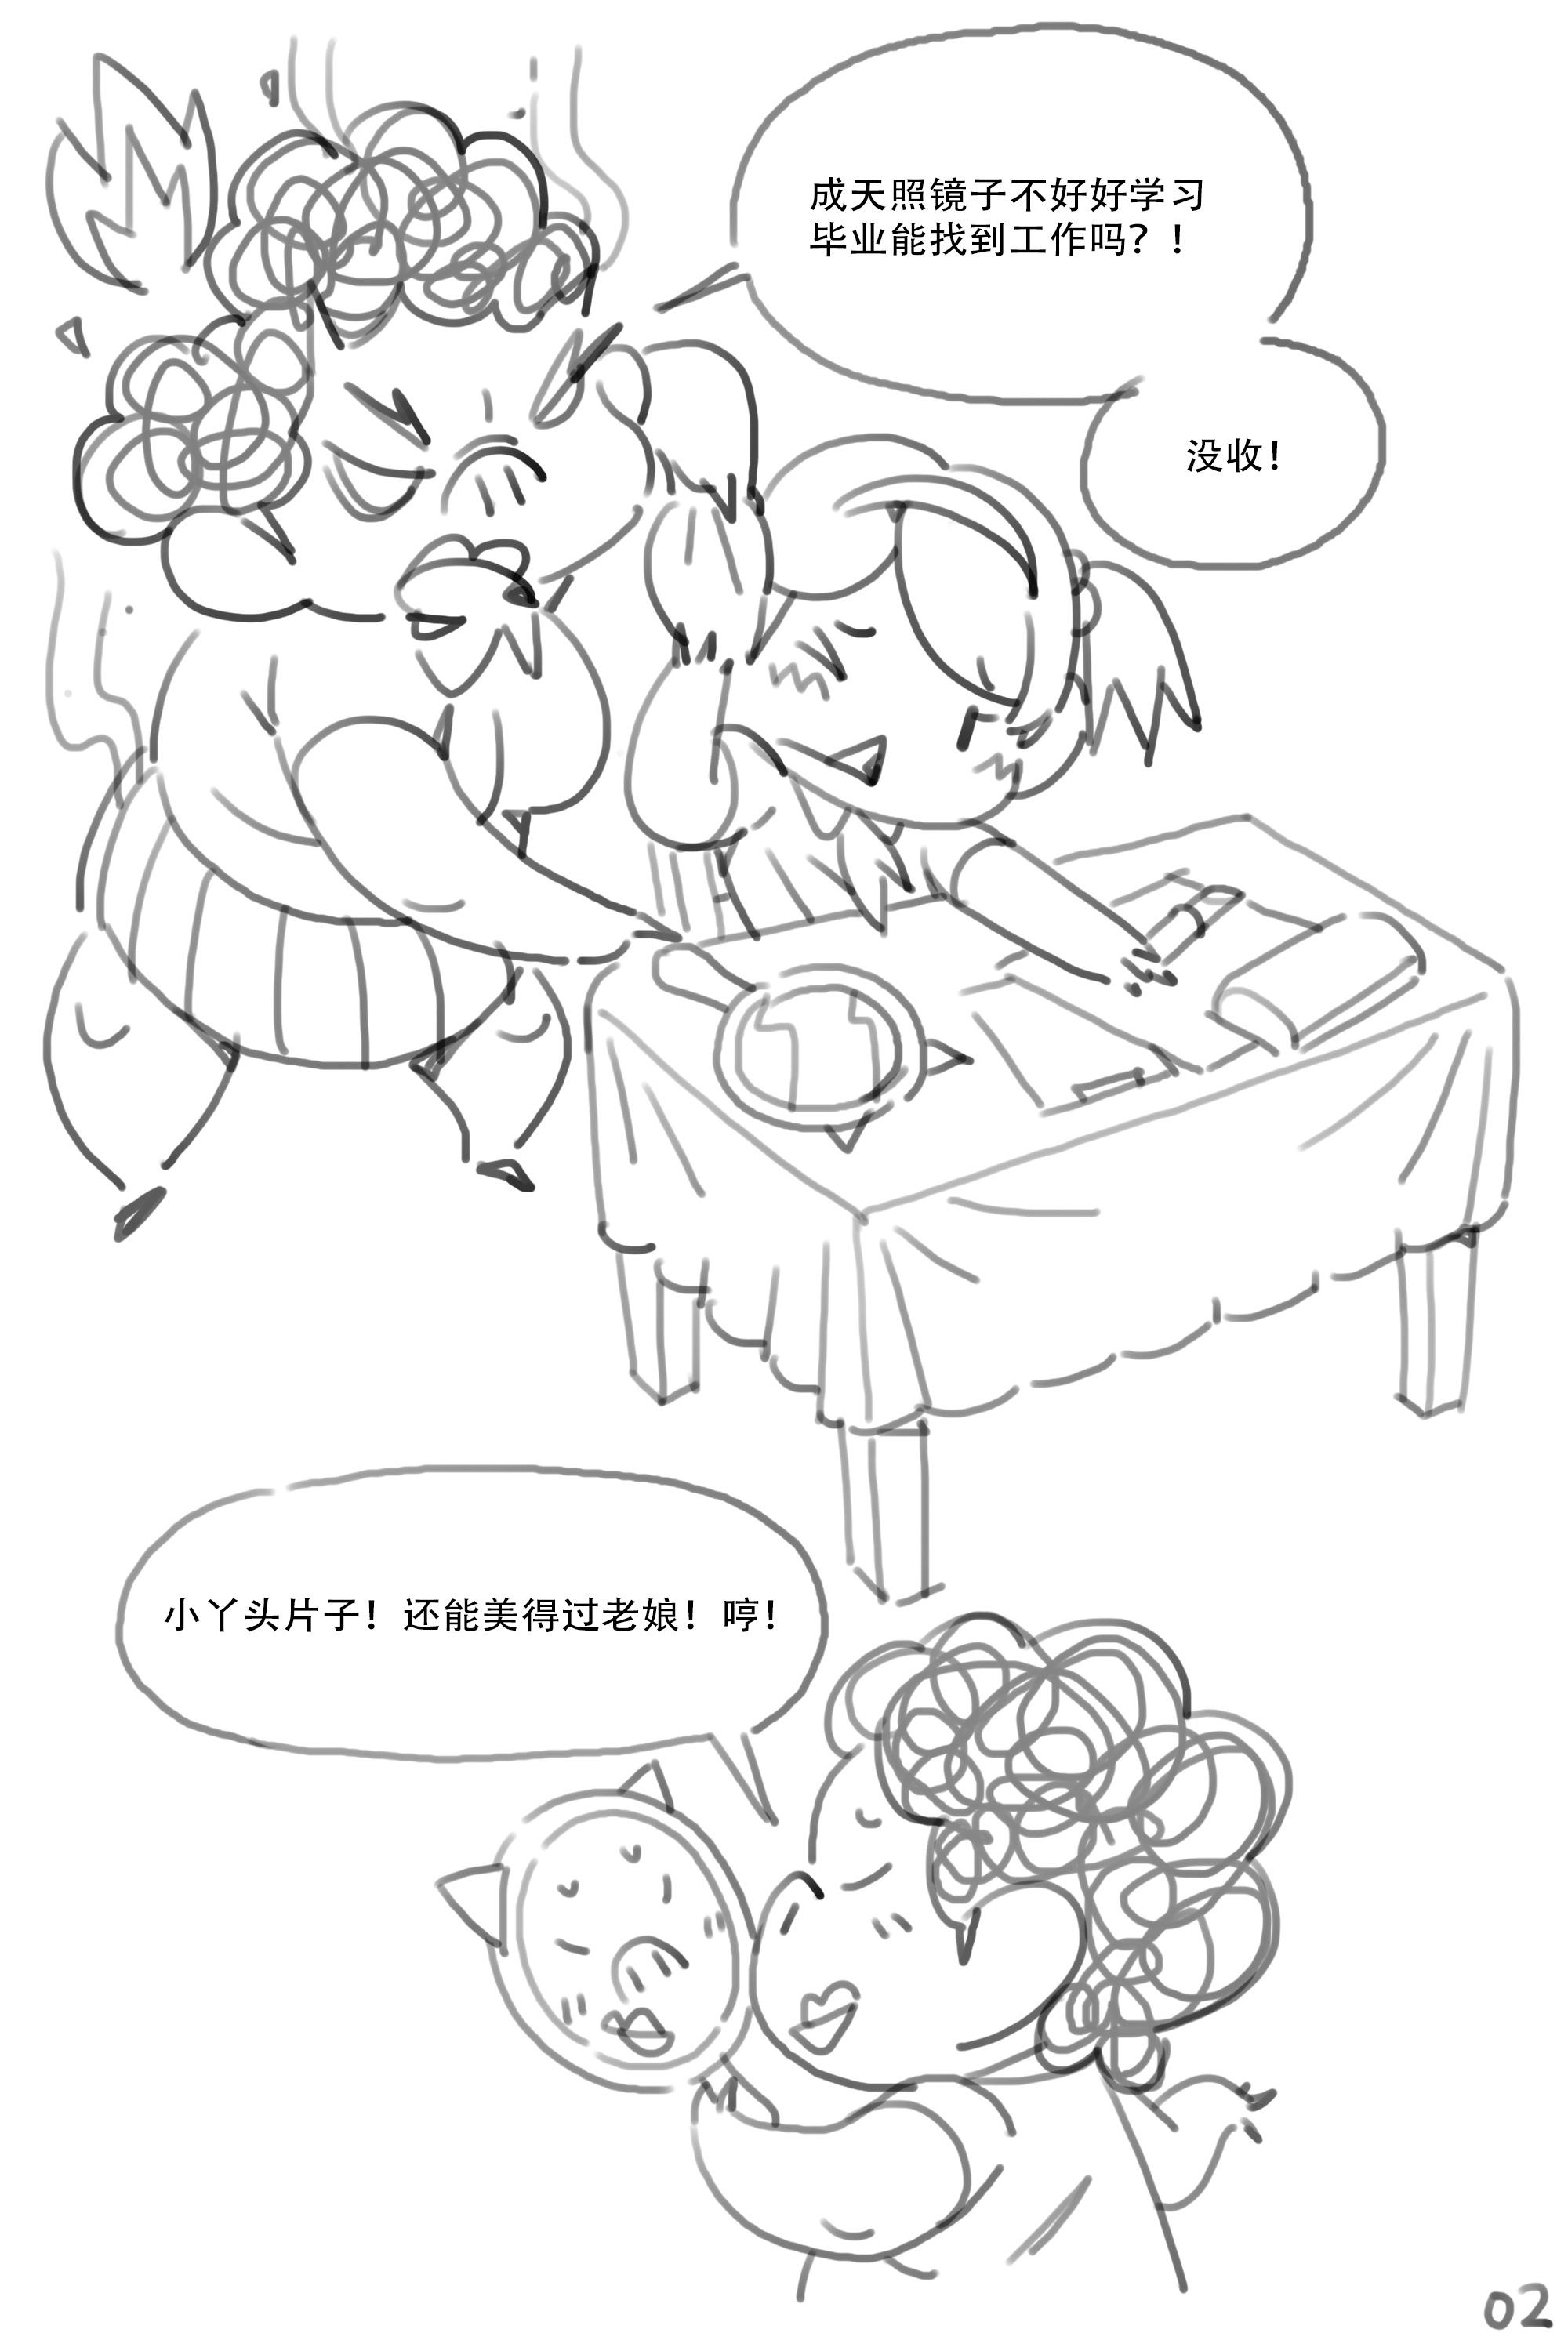 教师节 动漫 短篇/四格漫画 大_个_子 - 原创作品